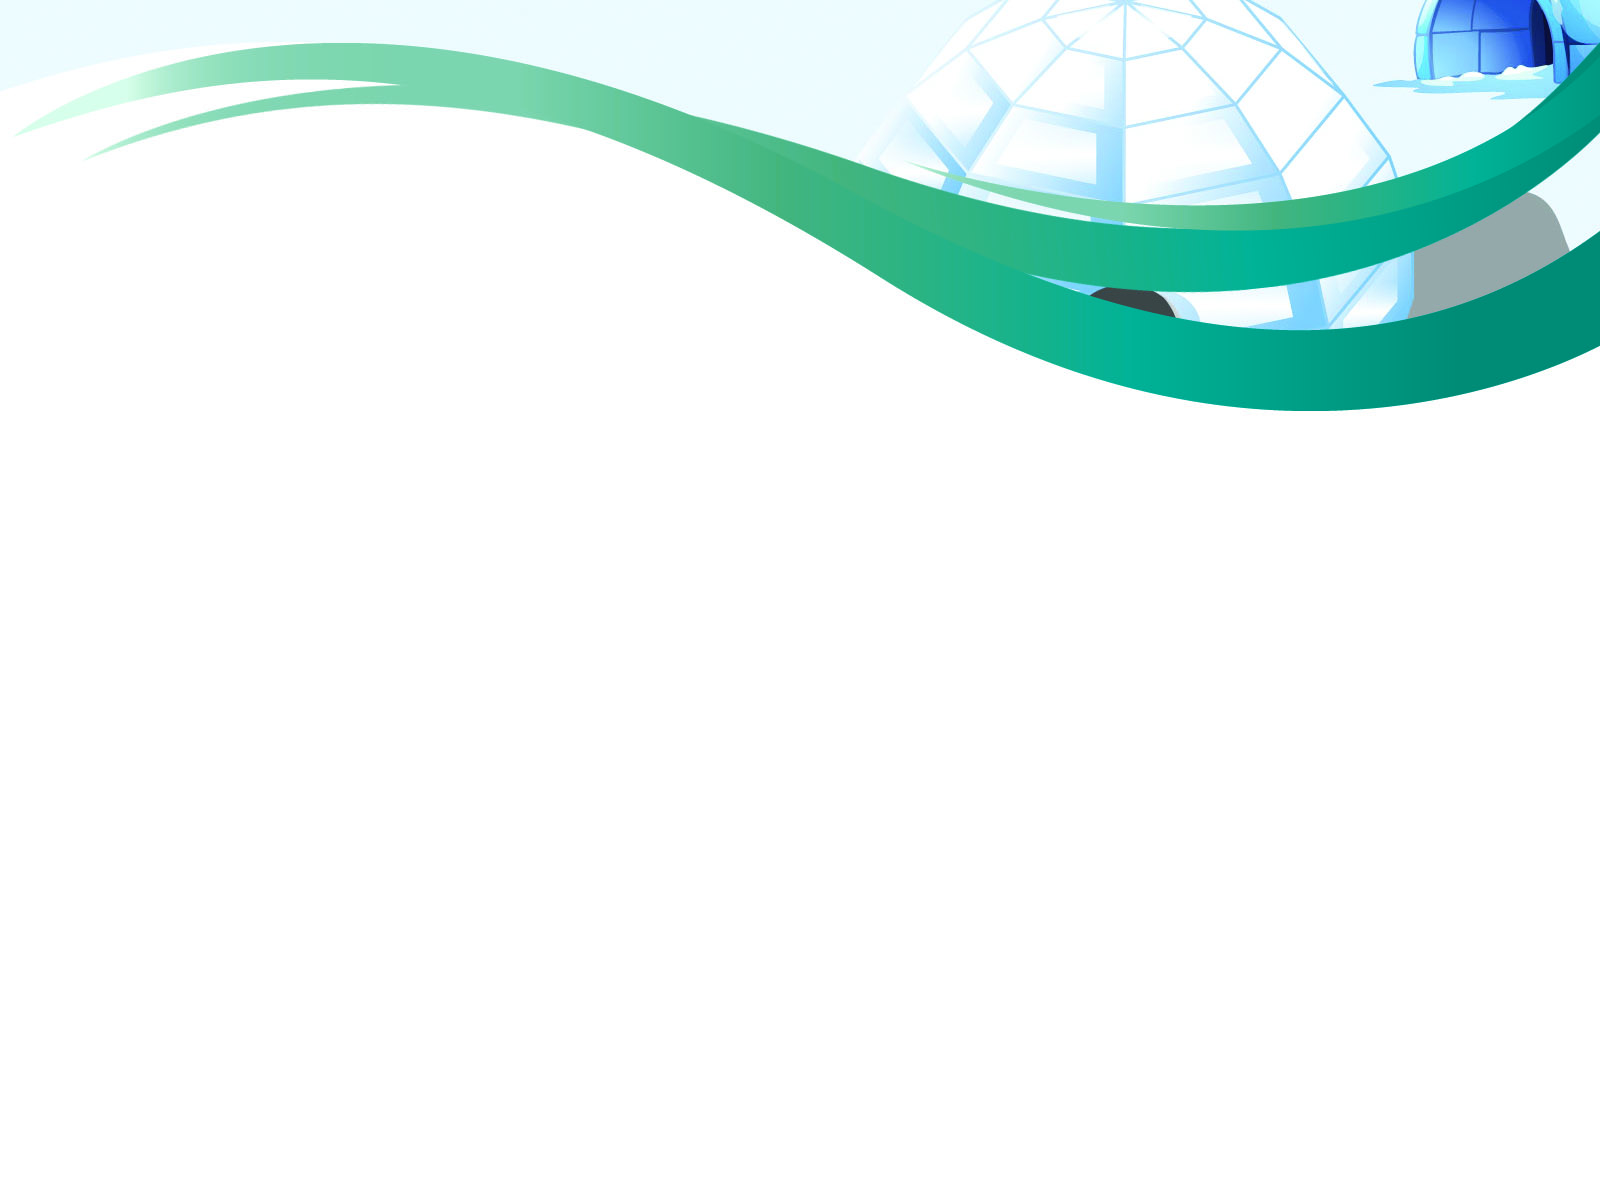 Wallpaper Powerpoint màu sáng xanh đẹp nhất 1